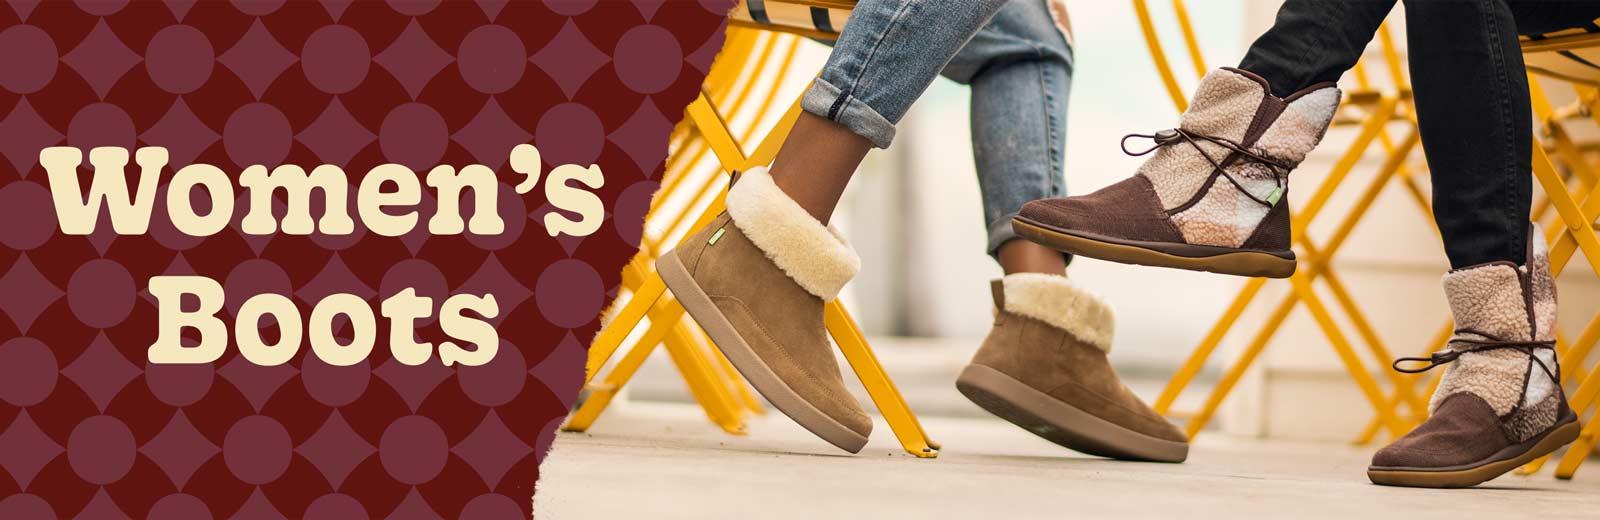 Feet wearing women's boots.